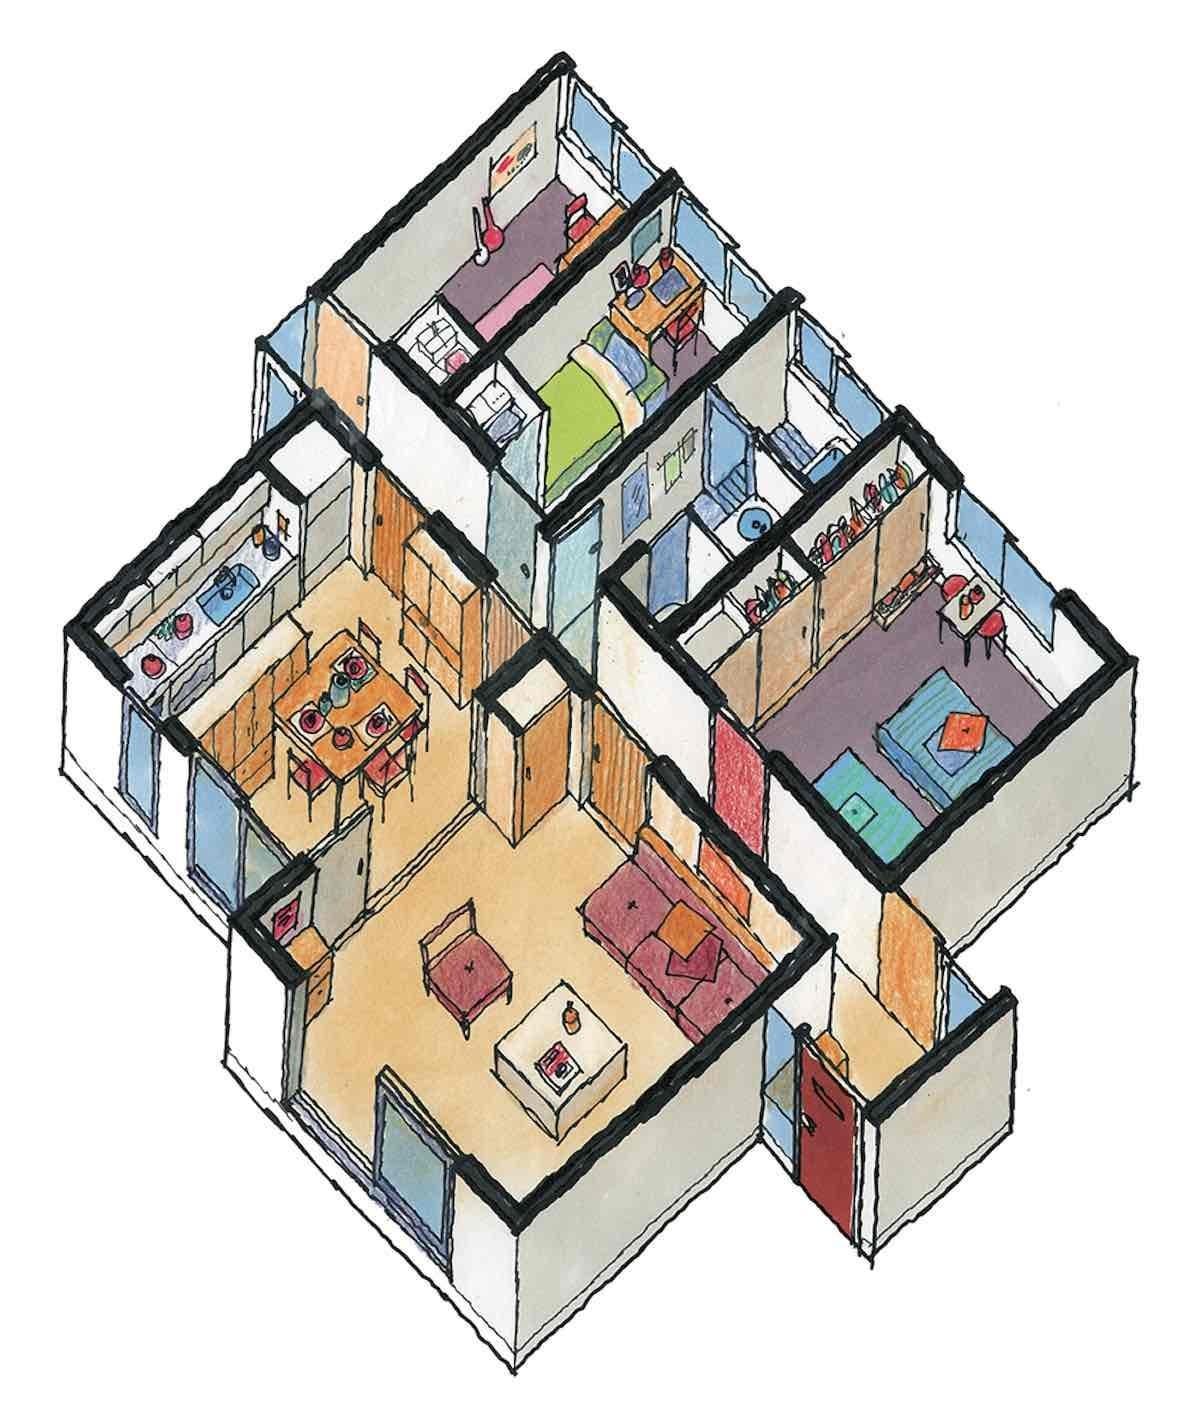 過道走廊型方案-平面等角透視圖  圖片提供_漂亮家居麥浩斯